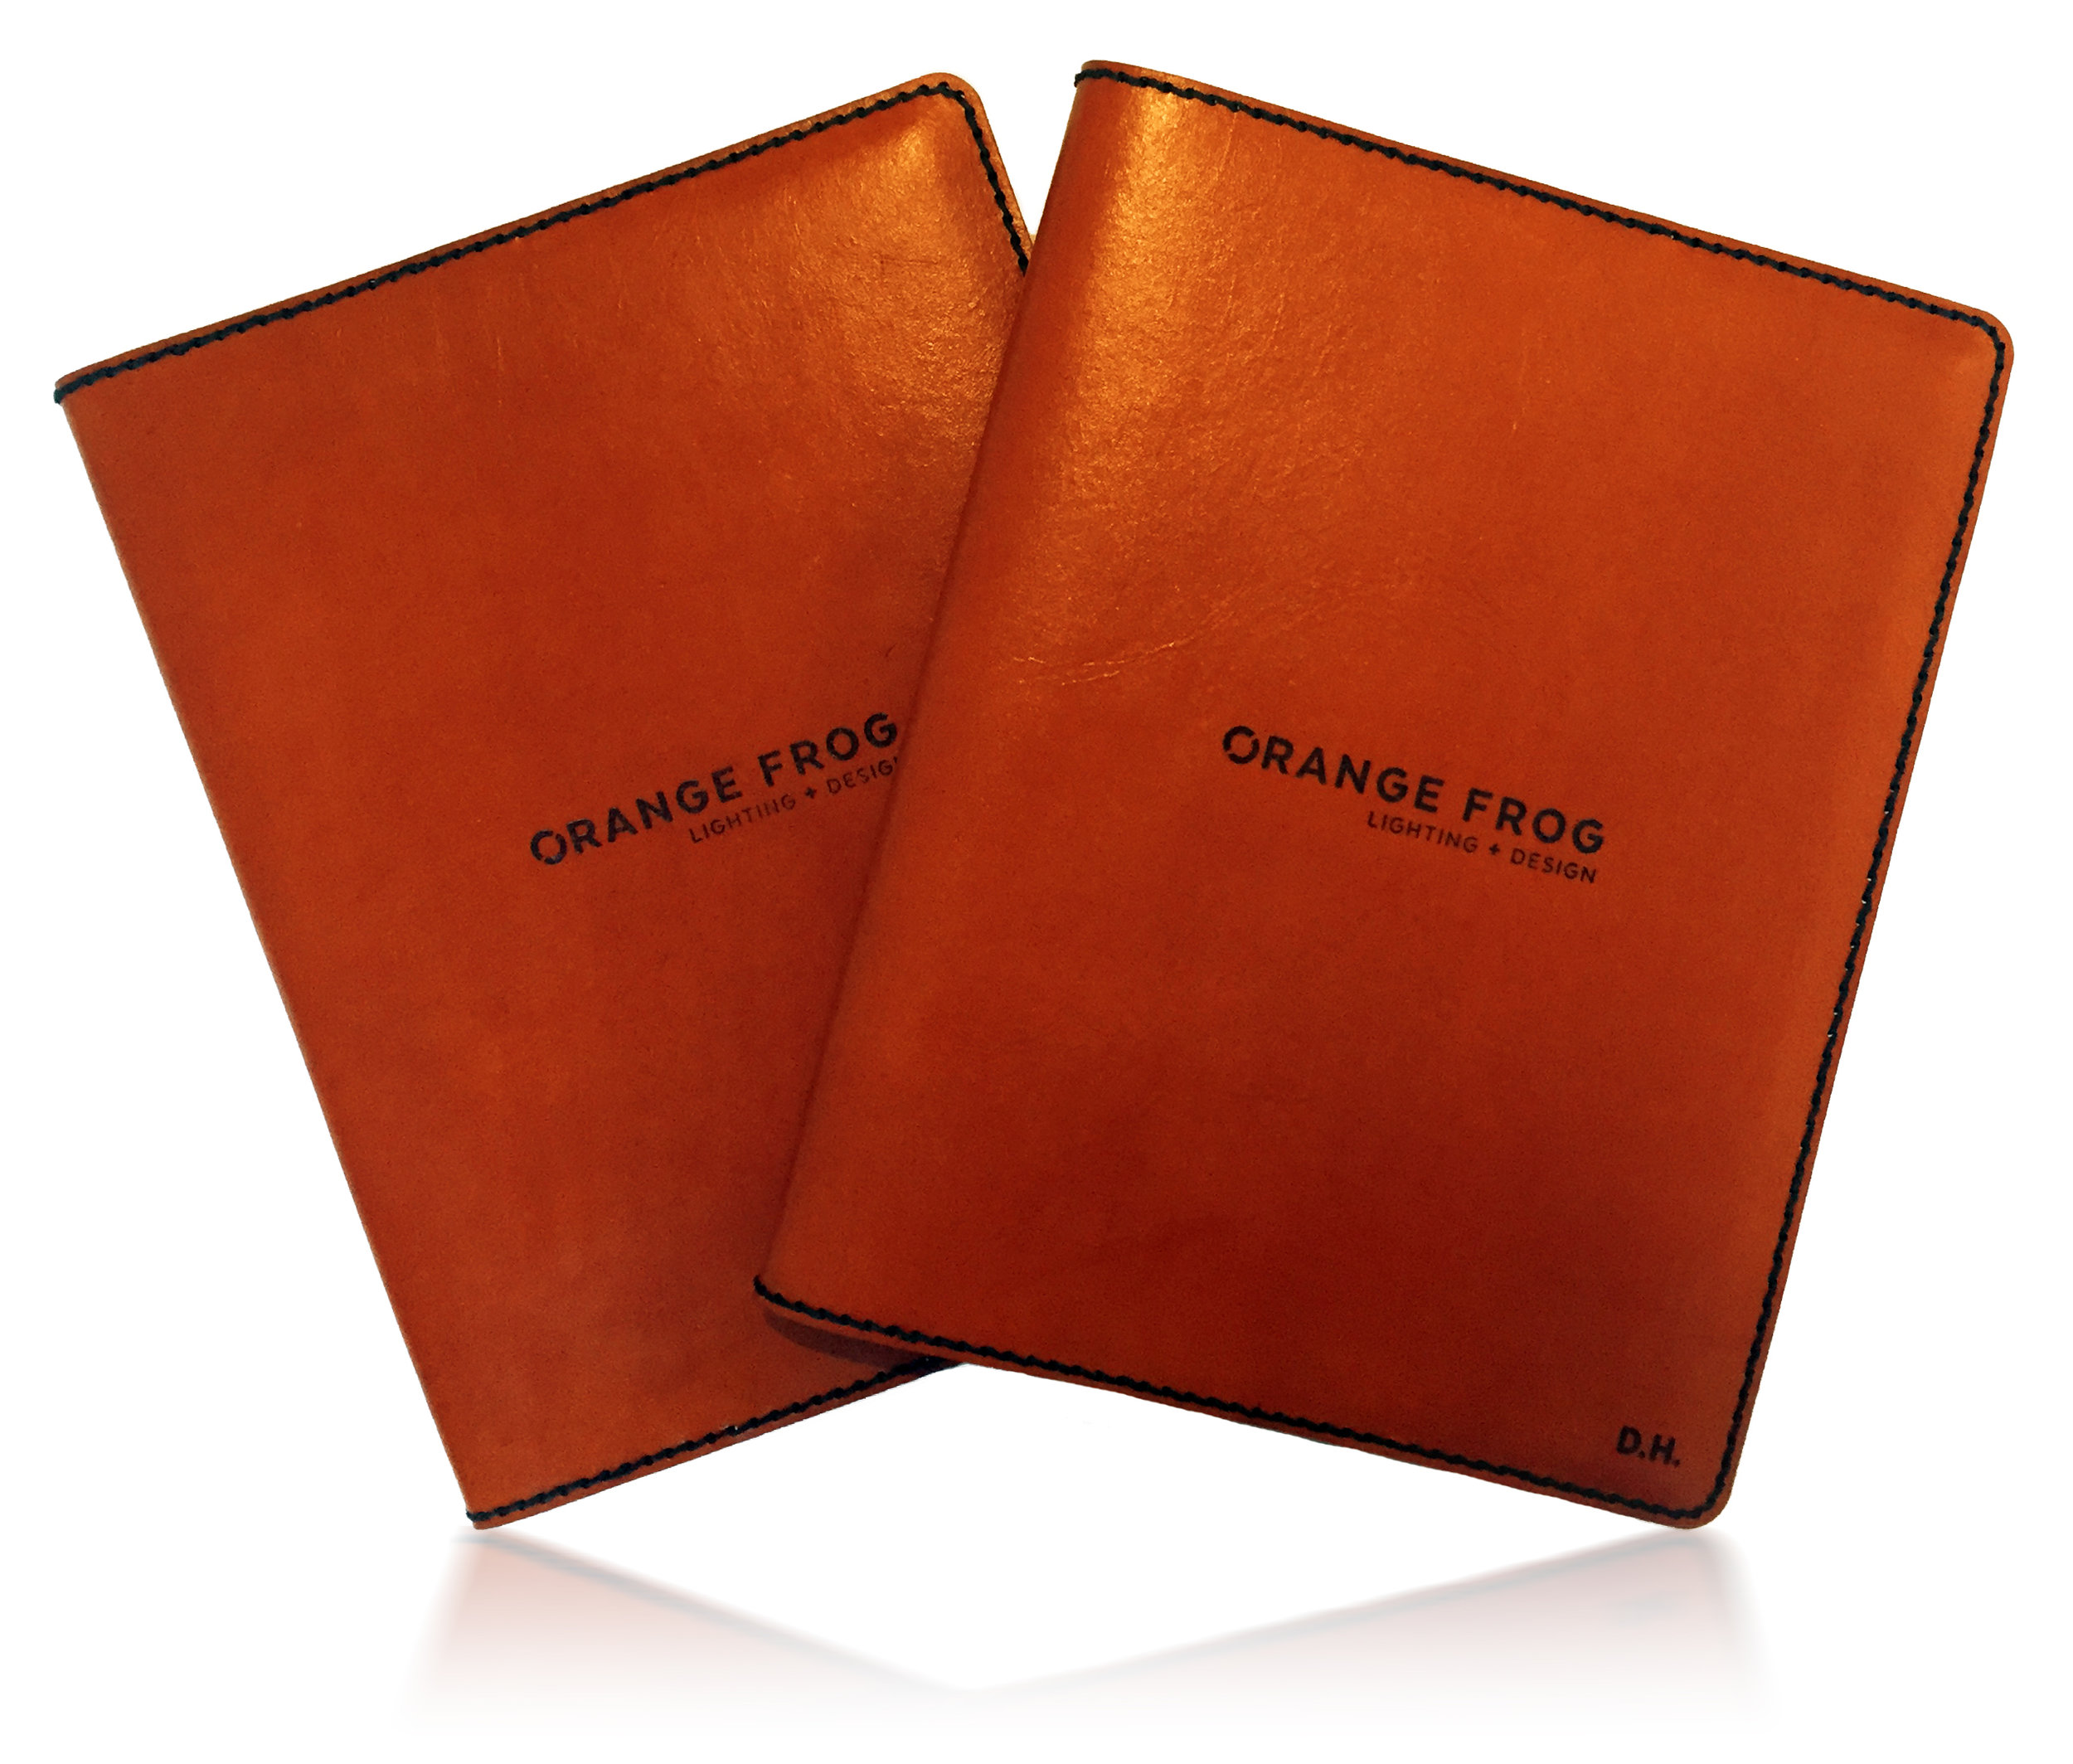 Orange Frog Journal.jpg